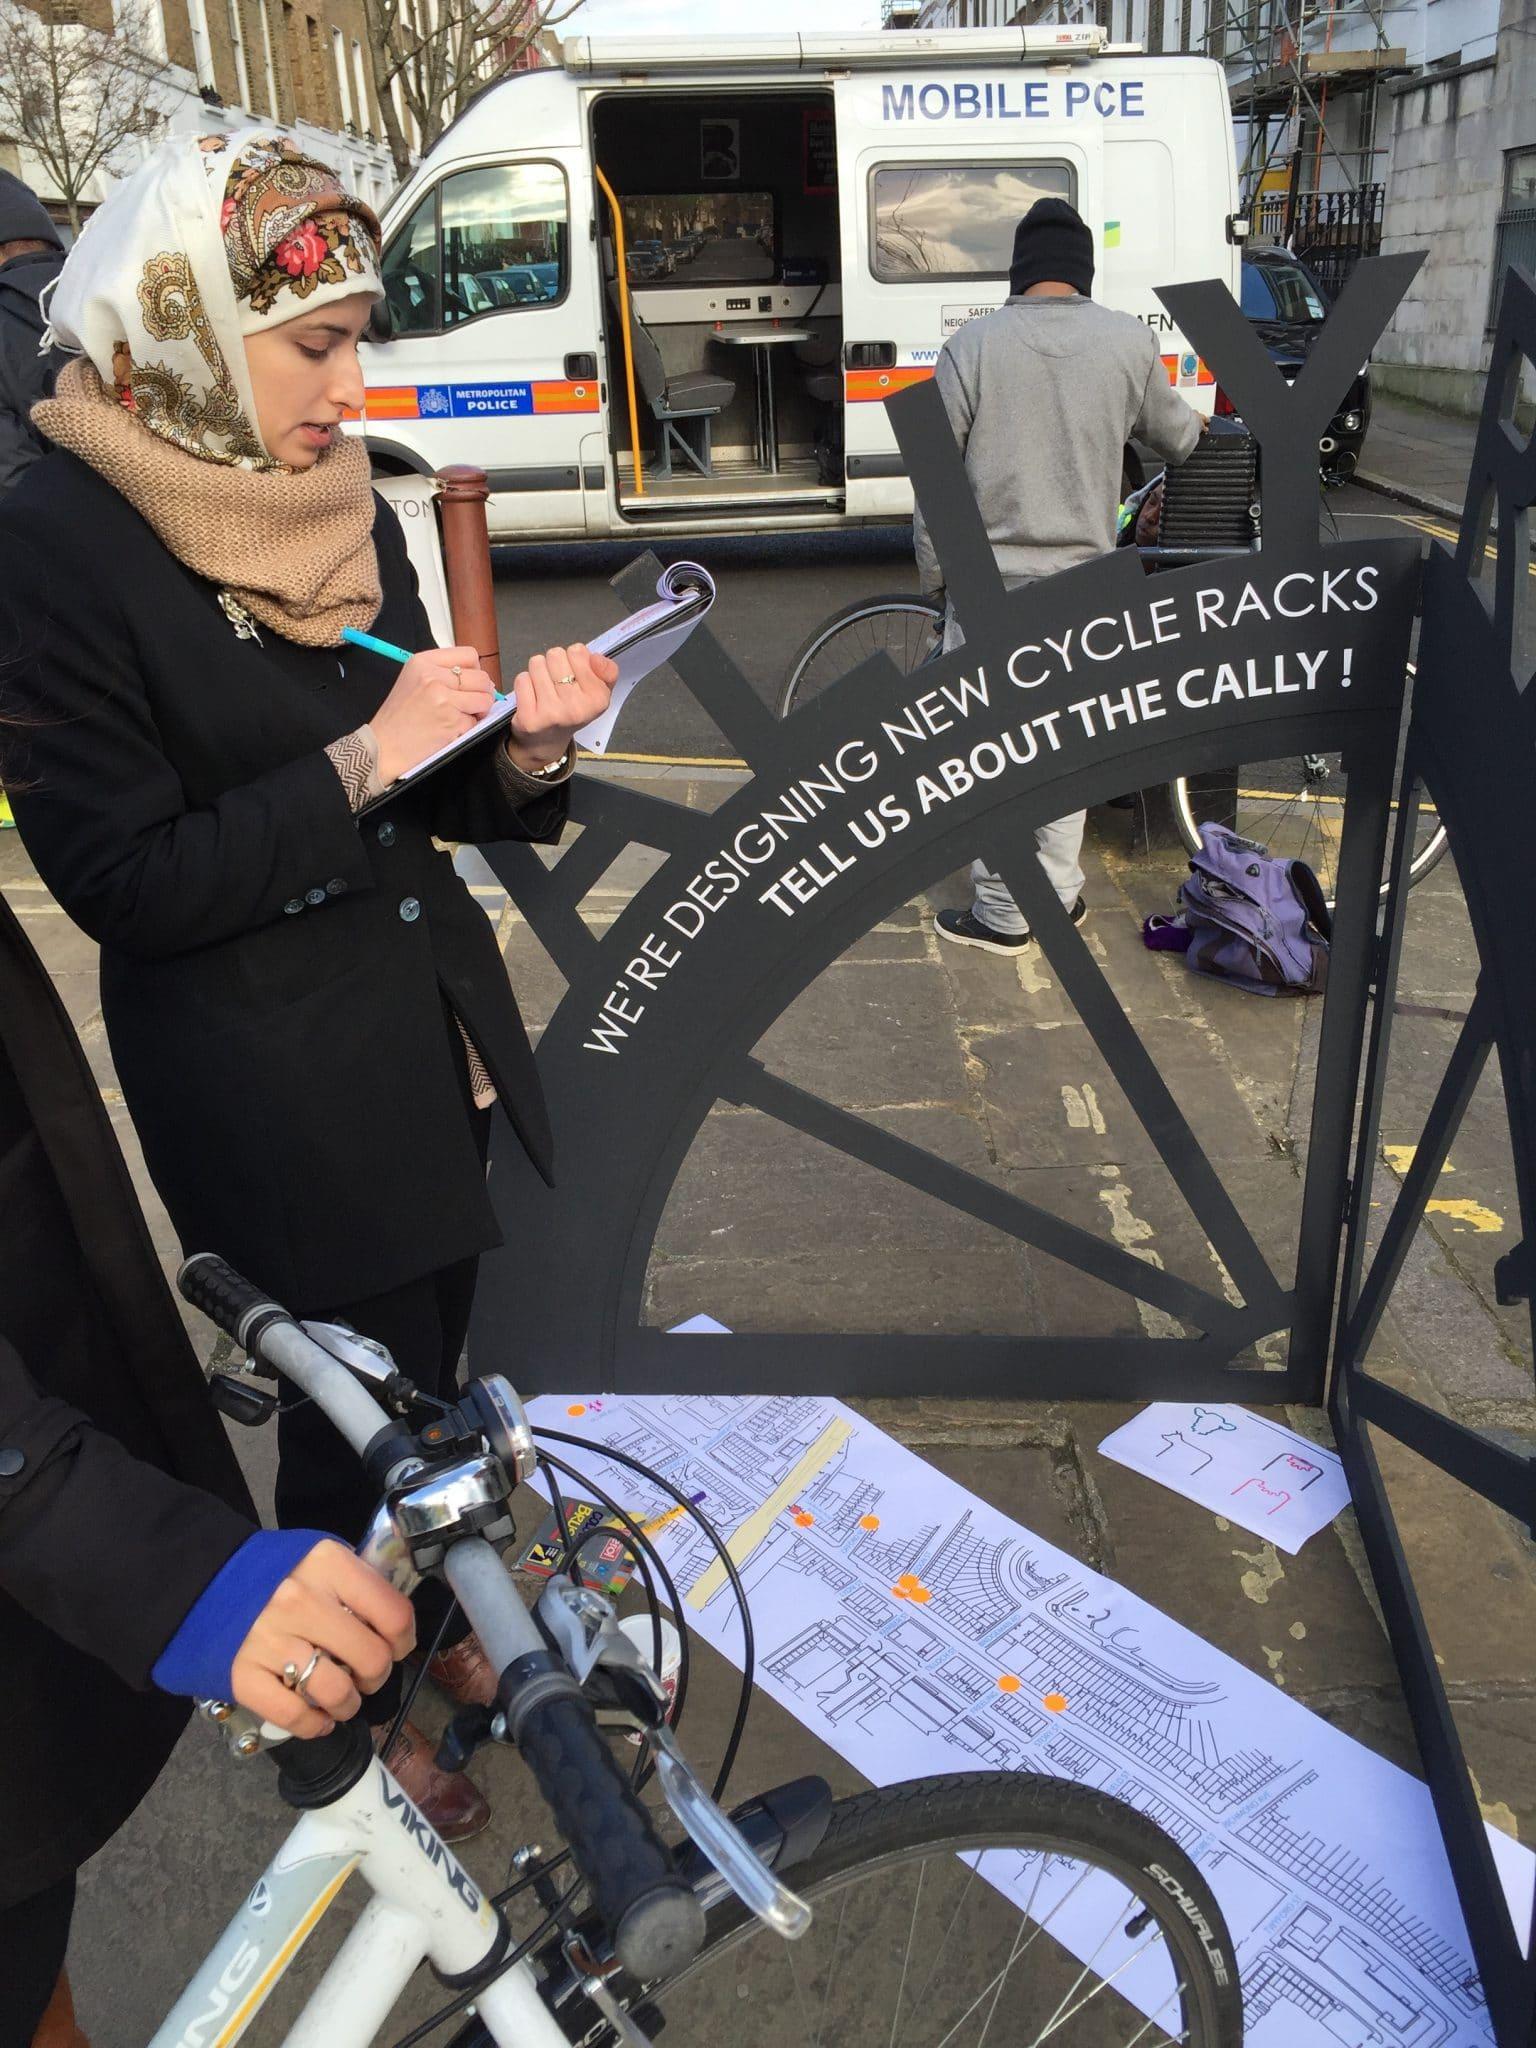 Workshop about bike rack design